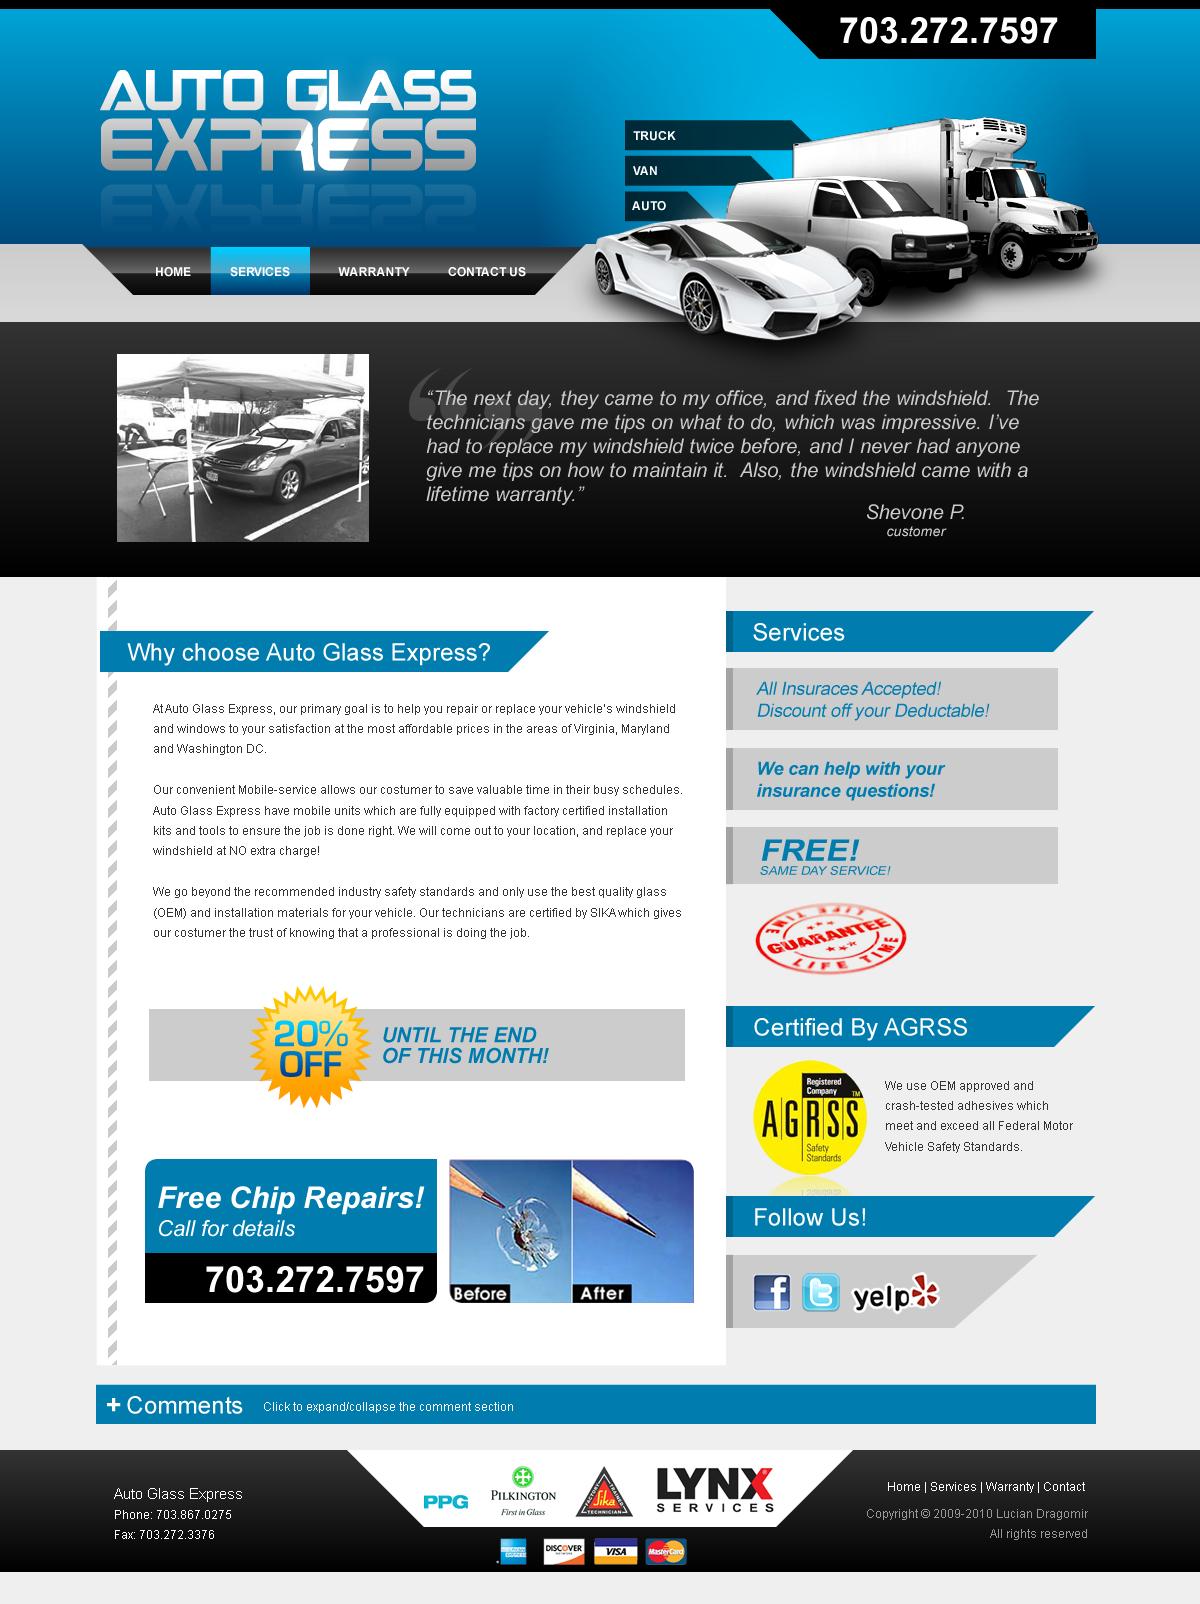 Auto Glass Express Website by dFEVER